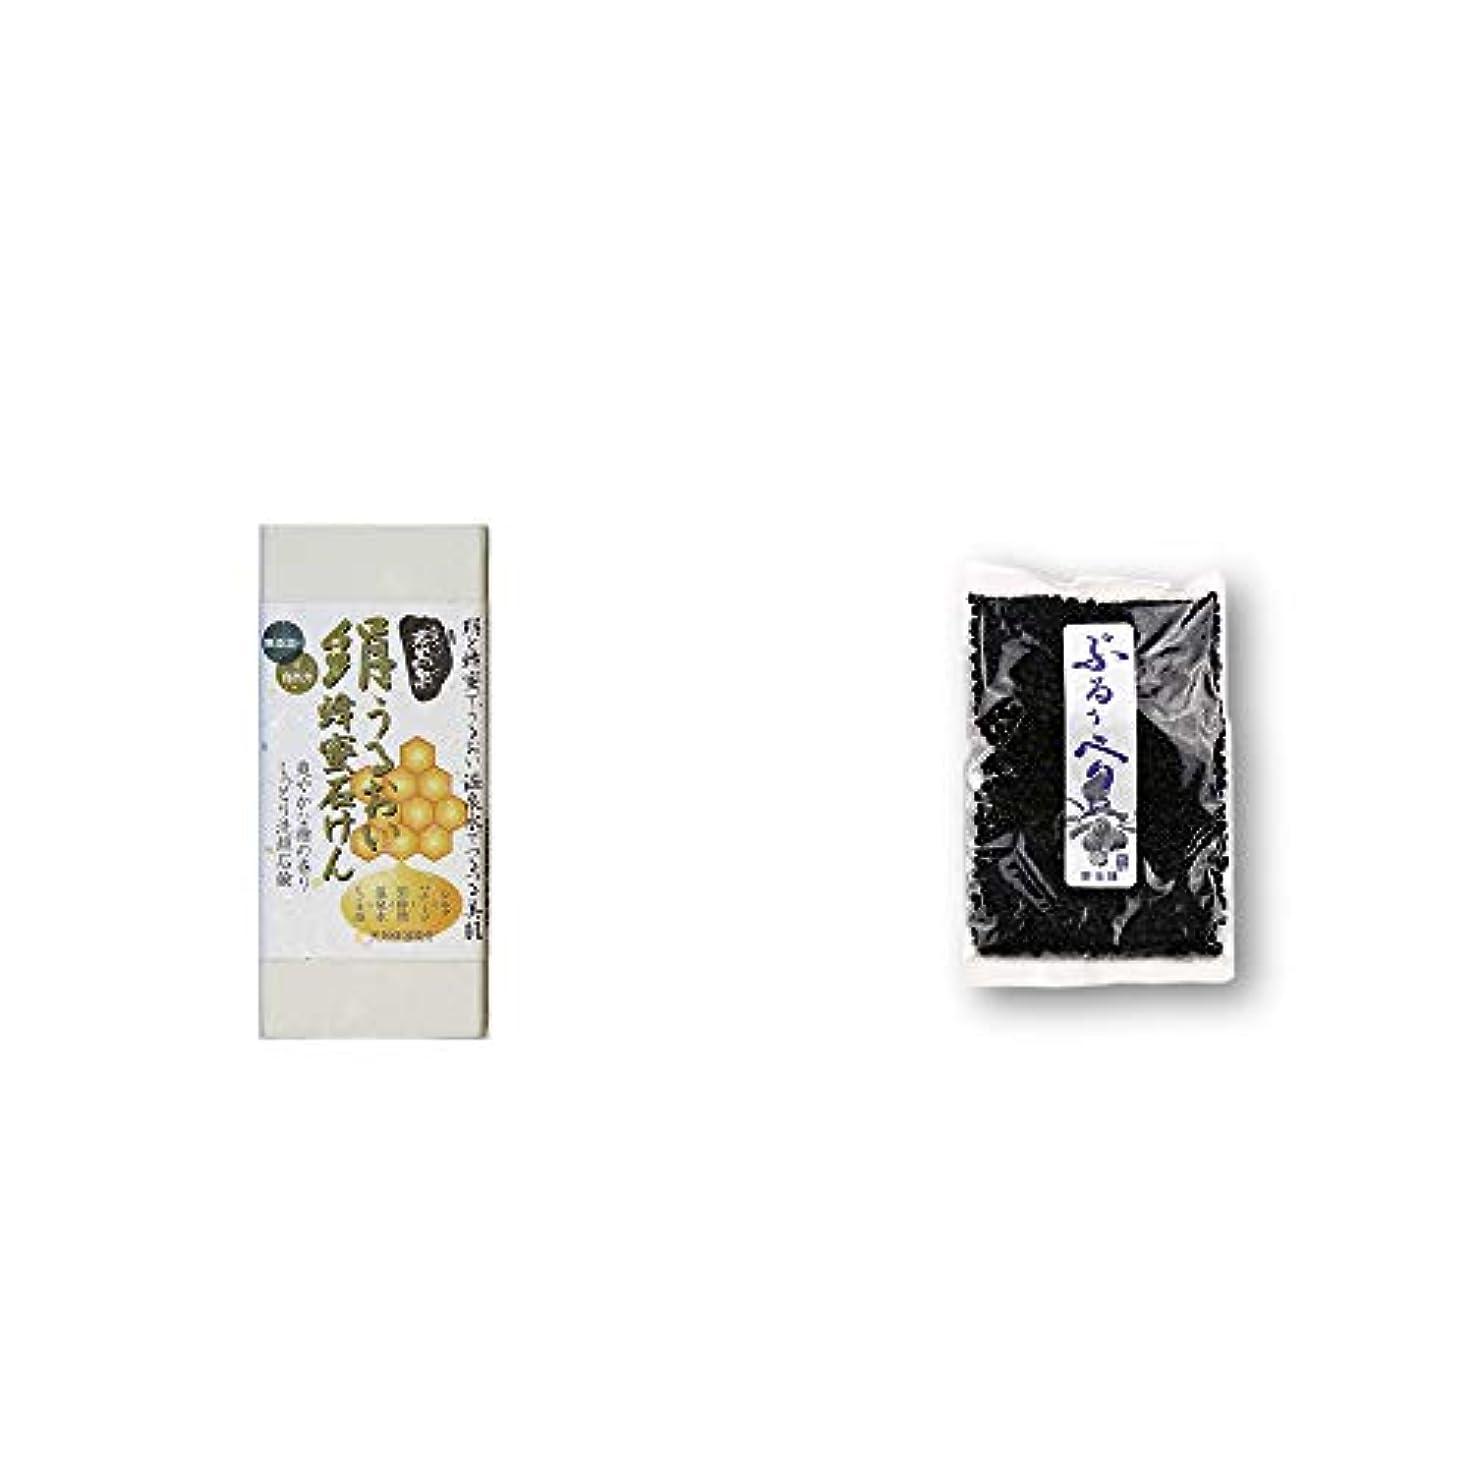 離す肘買い物に行く[2点セット] ひのき炭黒泉 絹うるおい蜂蜜石けん(75g×2)?野生種ぶるぅべりぃ(260g)